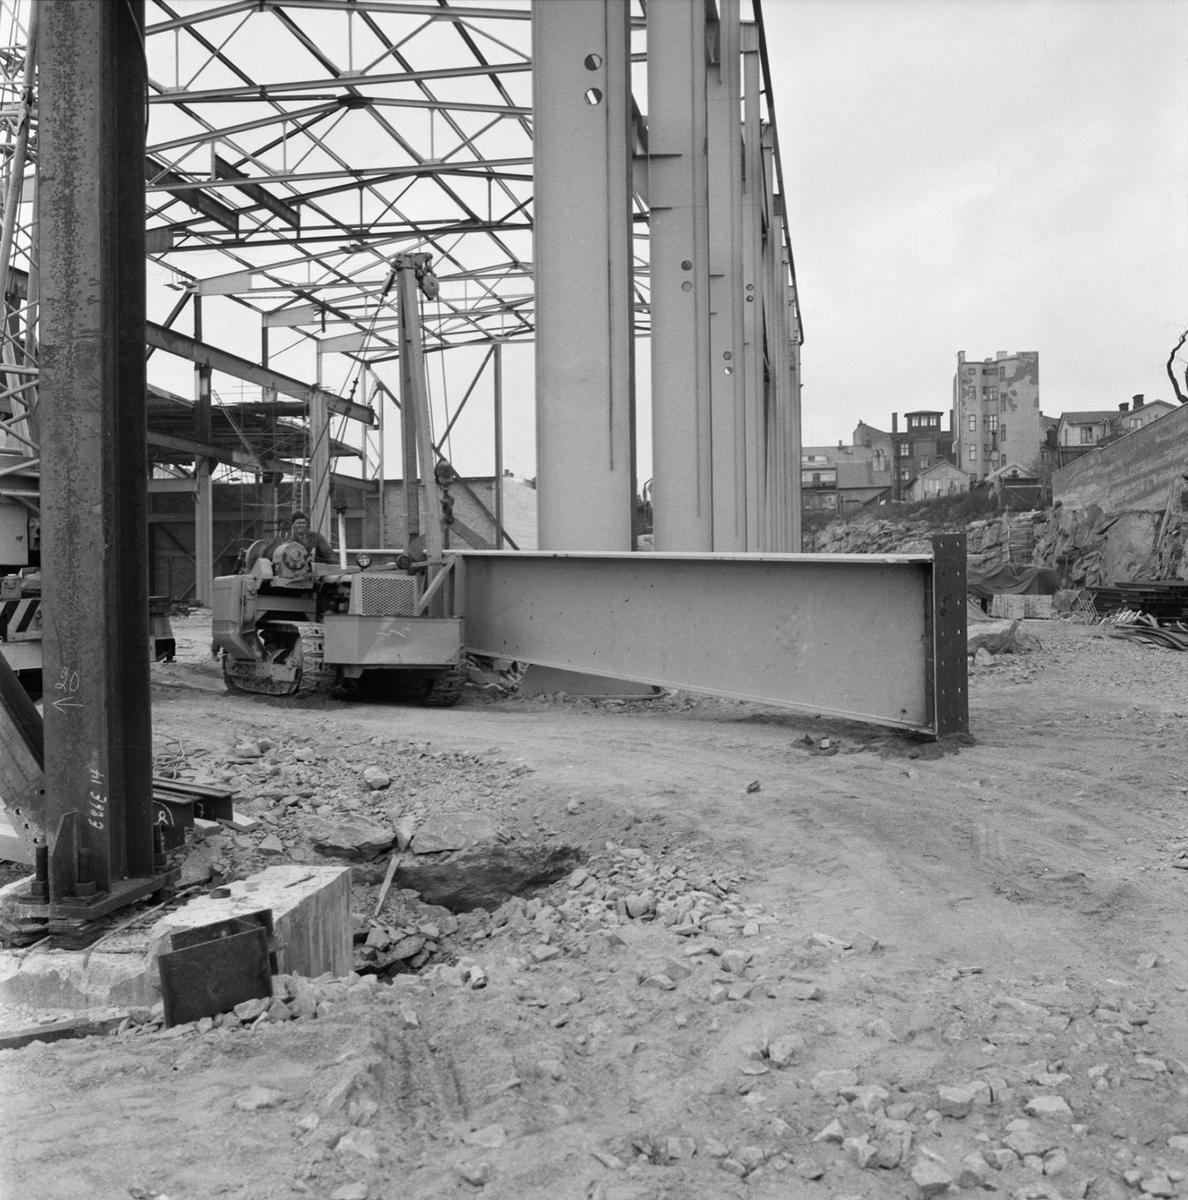 Övrigt: Fotodatum:18/10 1962. Byggnader och Kranar. Nya plåtverkstan lyft av balkar